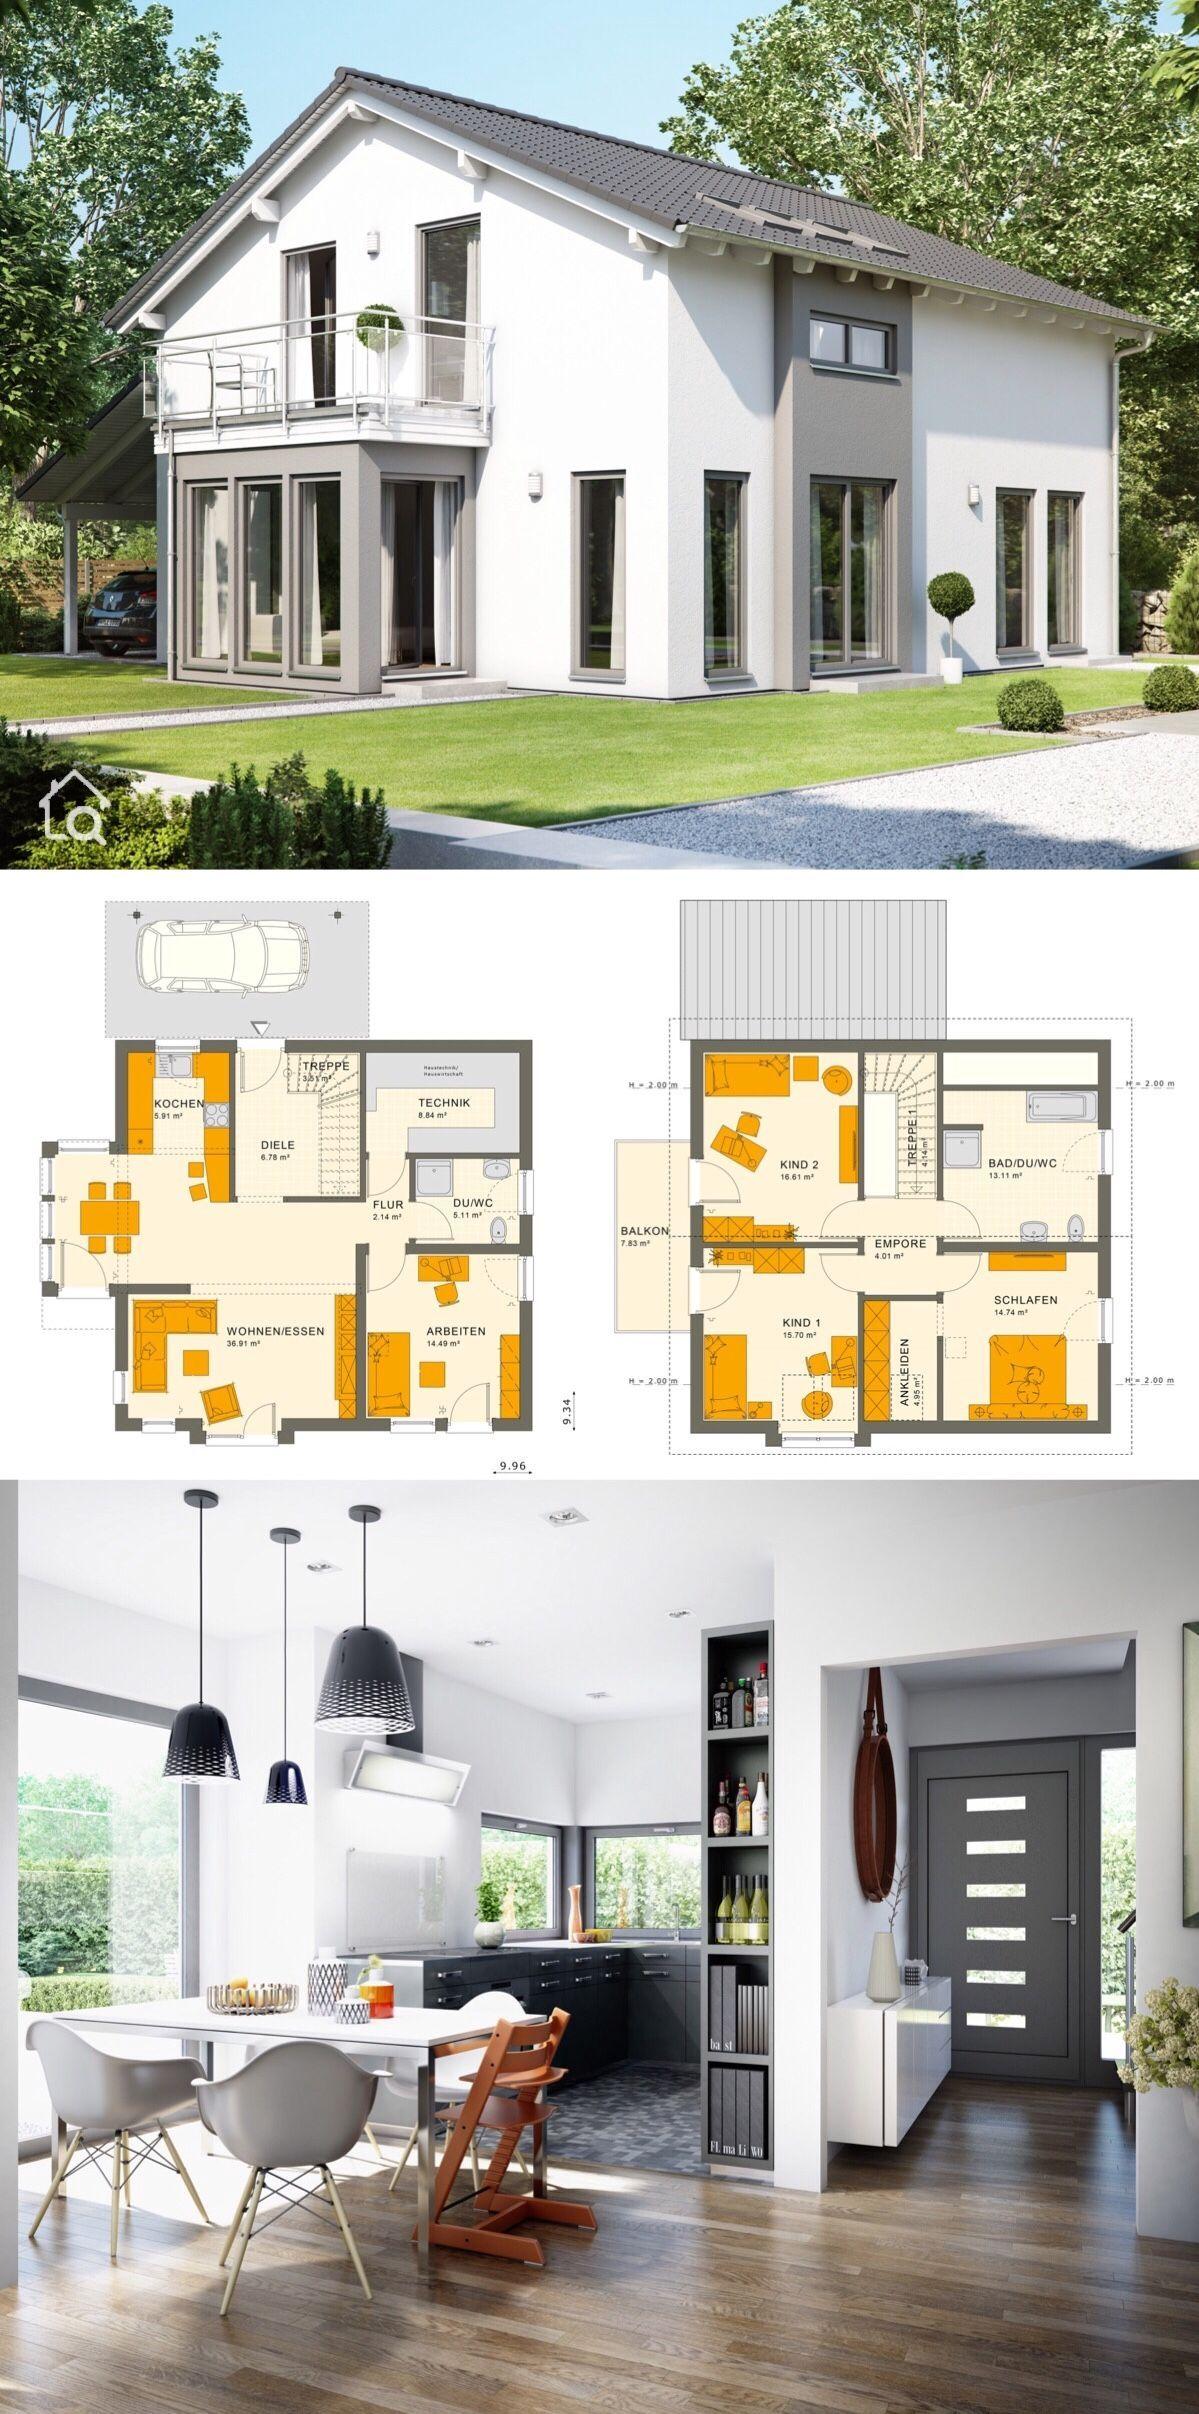 Modernes Haus mit Satteldach & Carport, Grundriss 5 Zimmer